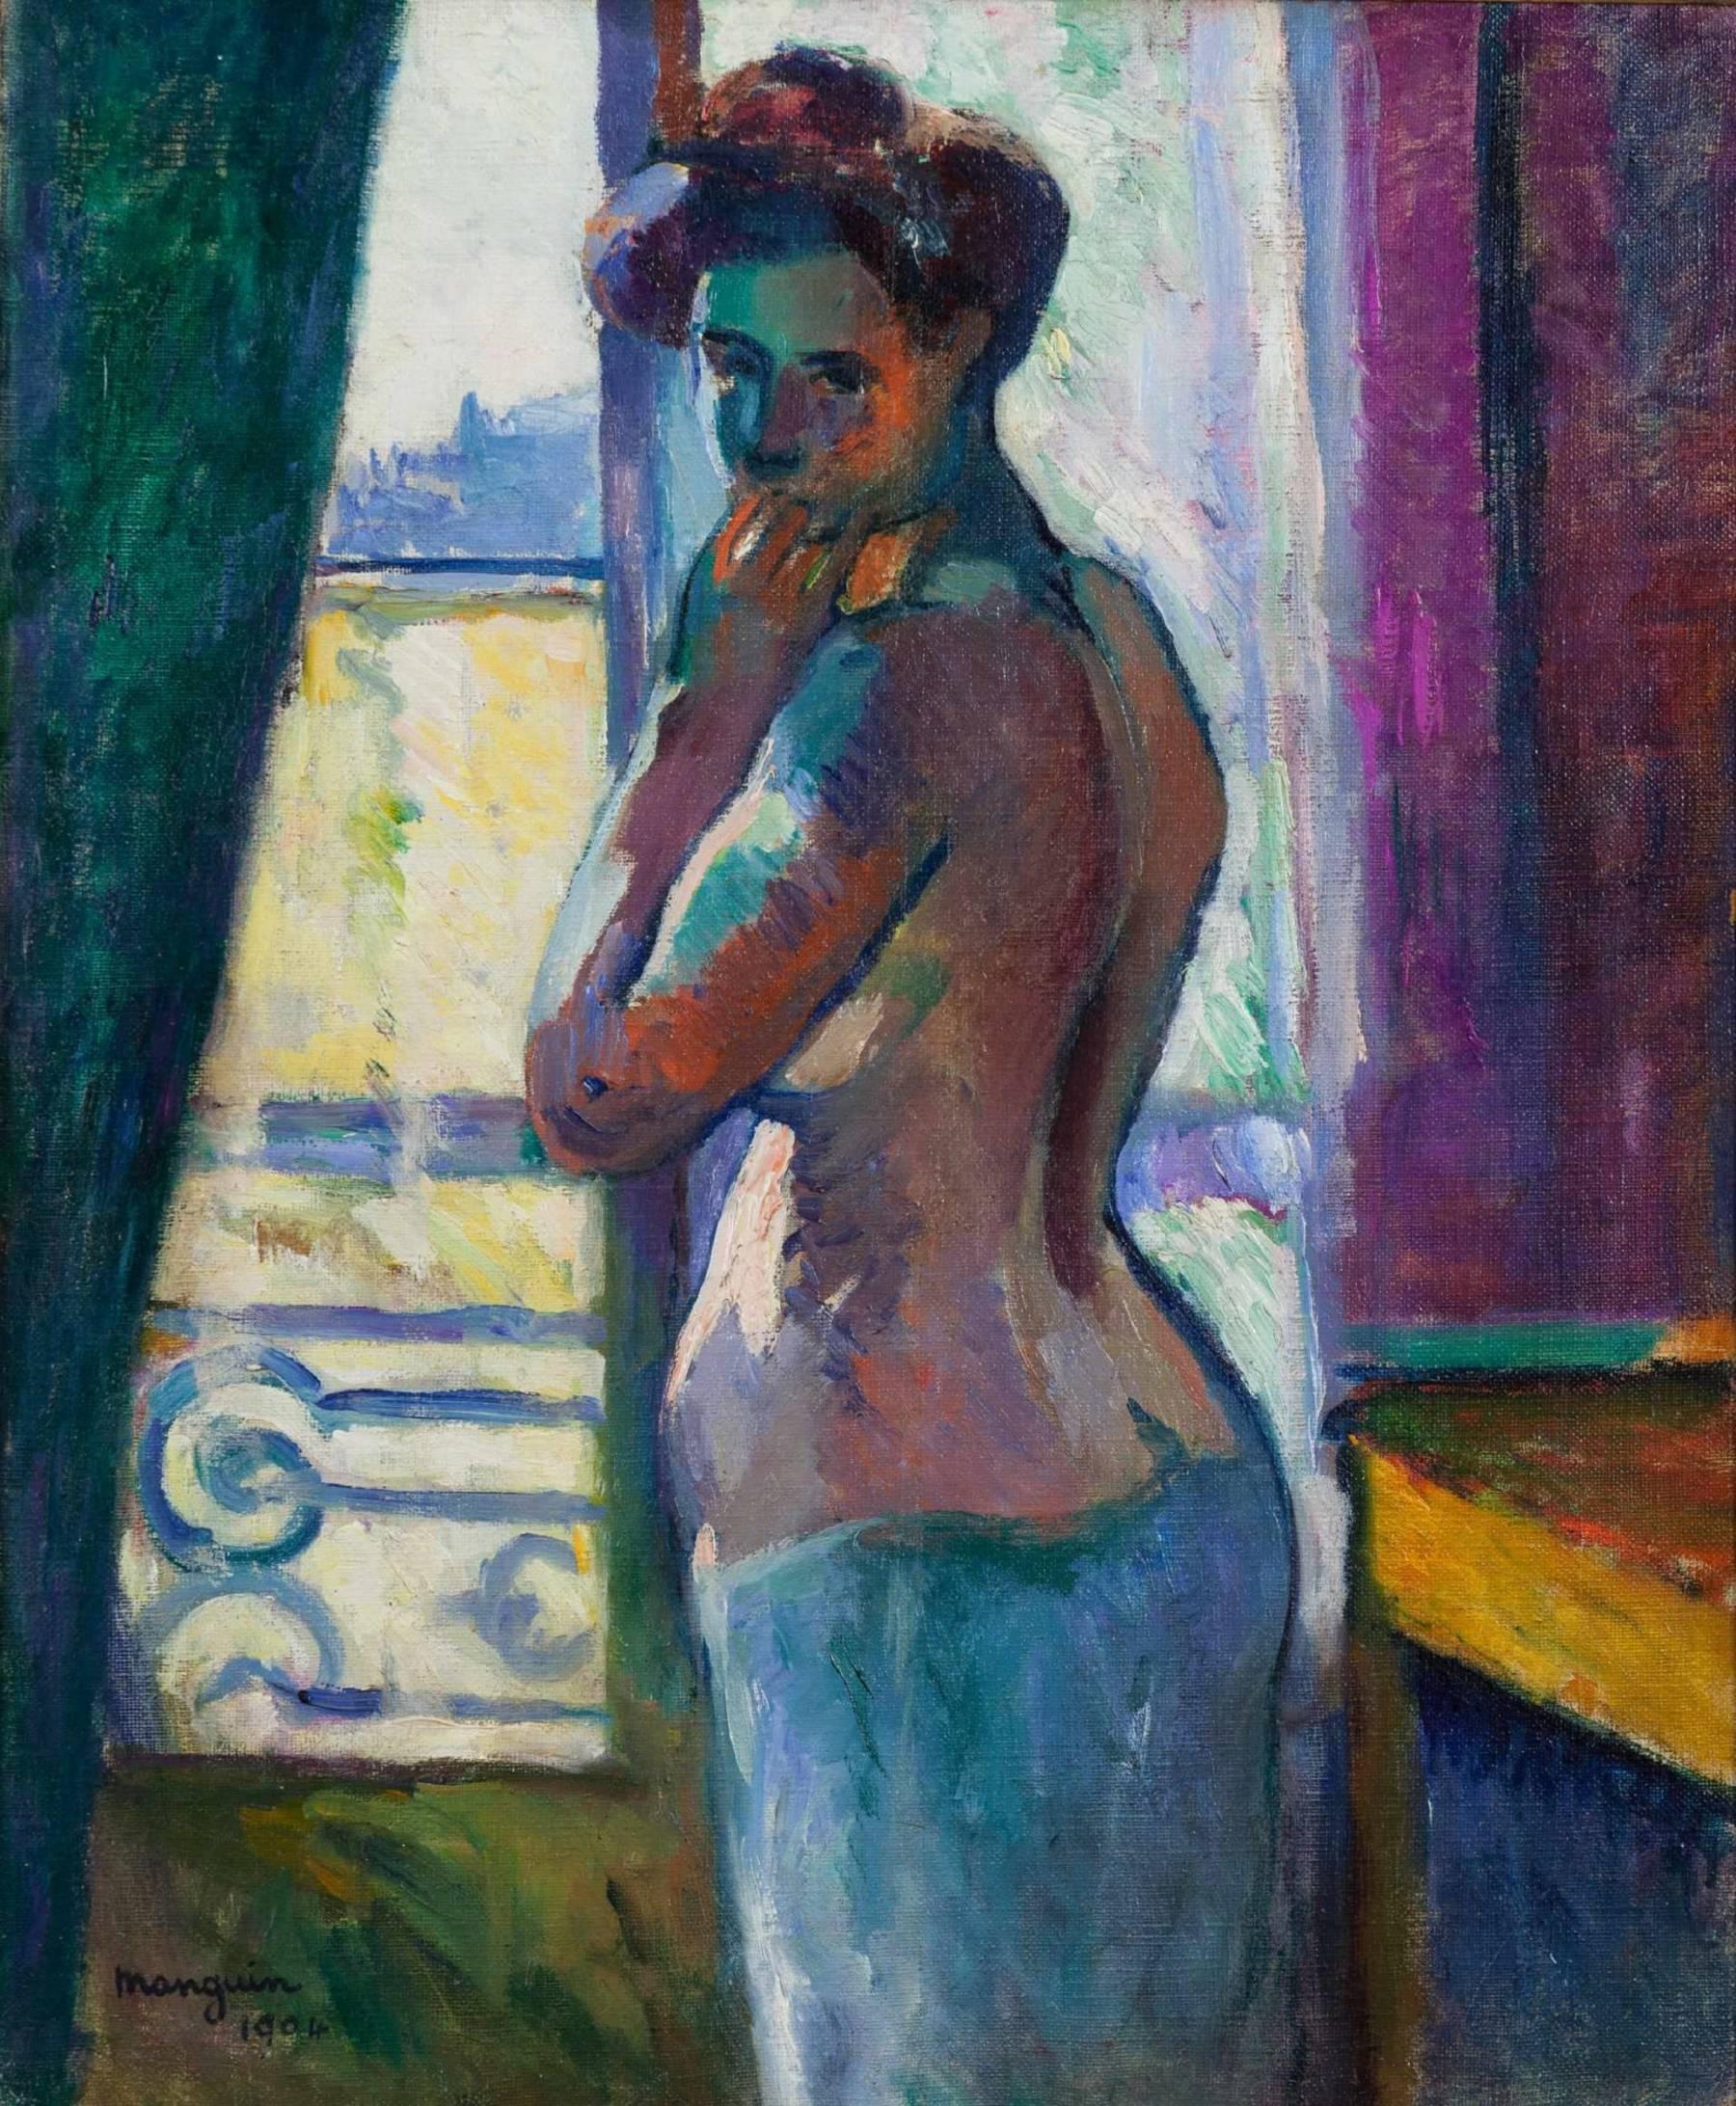 Henri Manguin, Devant la fenêtre, rue Boursault